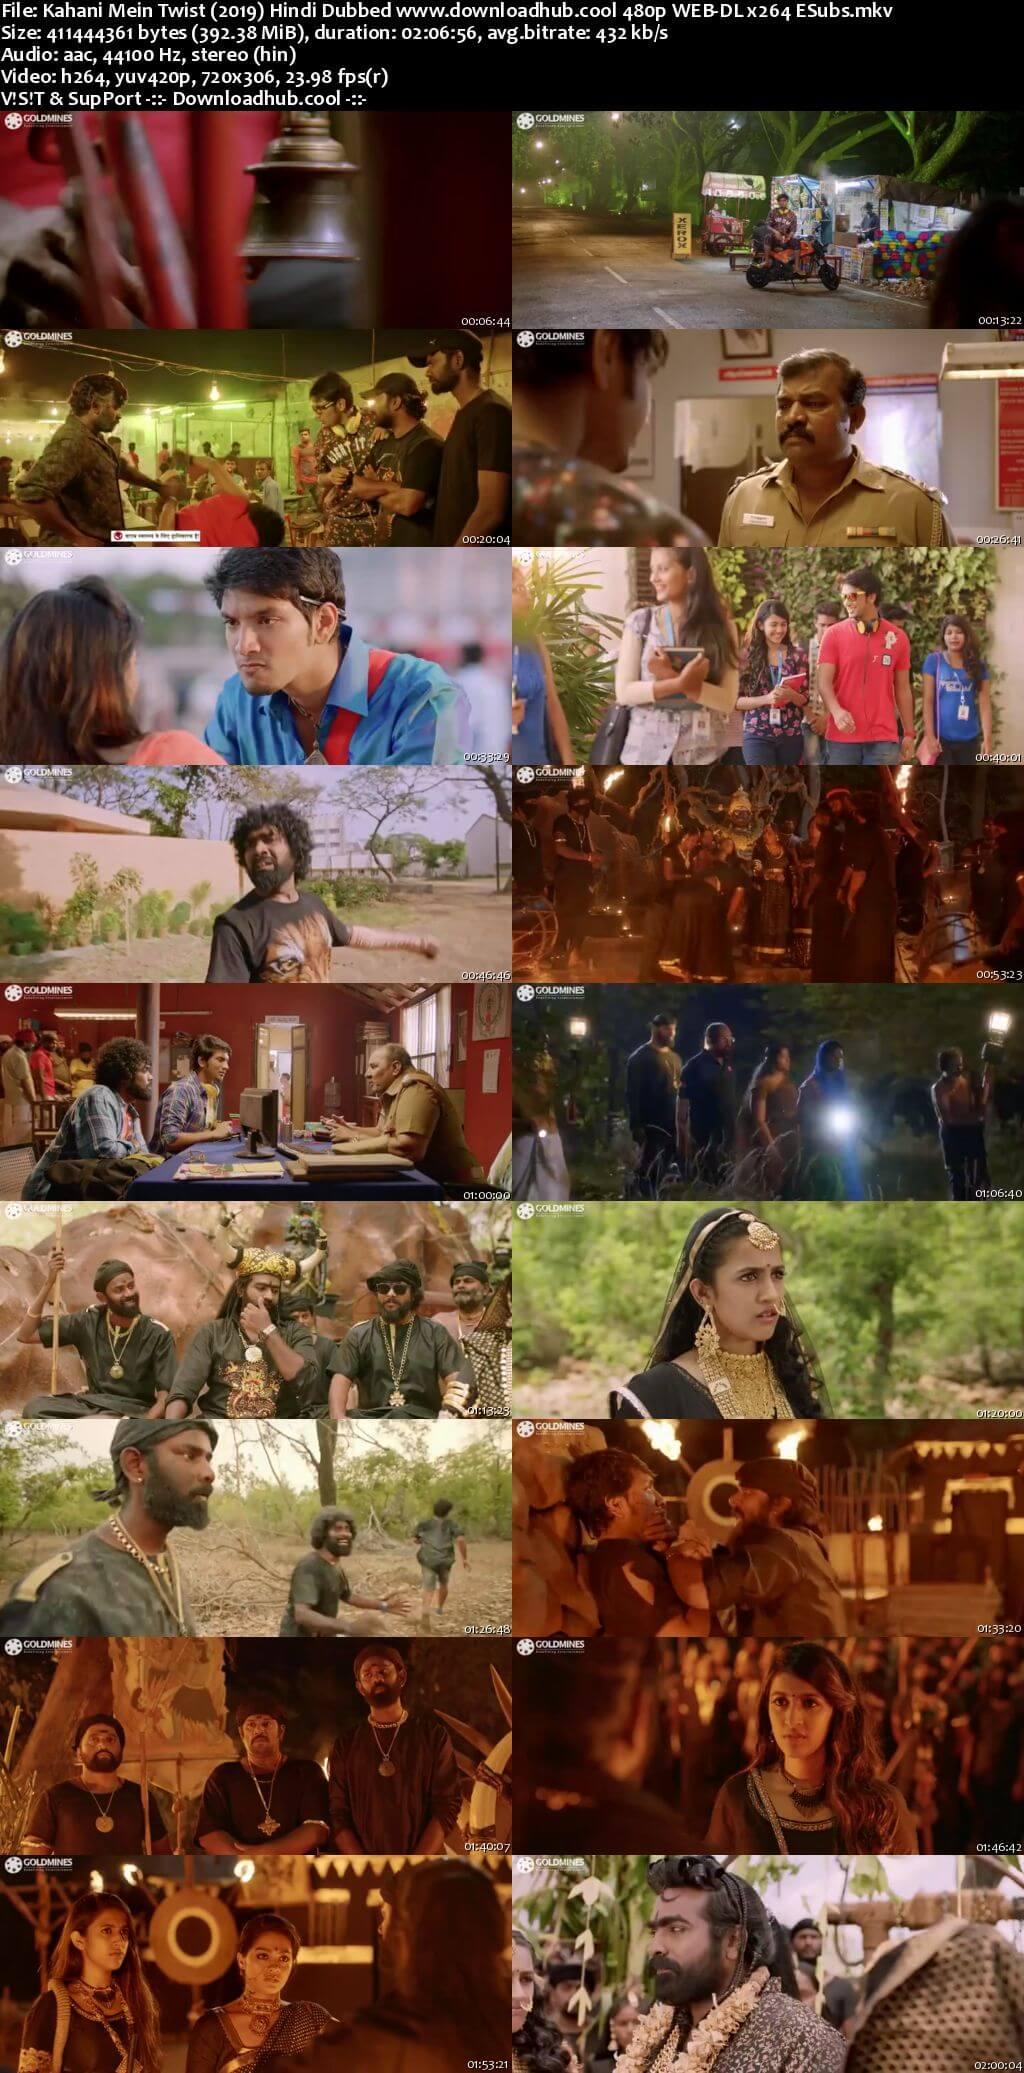 Kahani Mein Twist 2019 Hindi Dubbed 400MB HDRip 480p ESubs